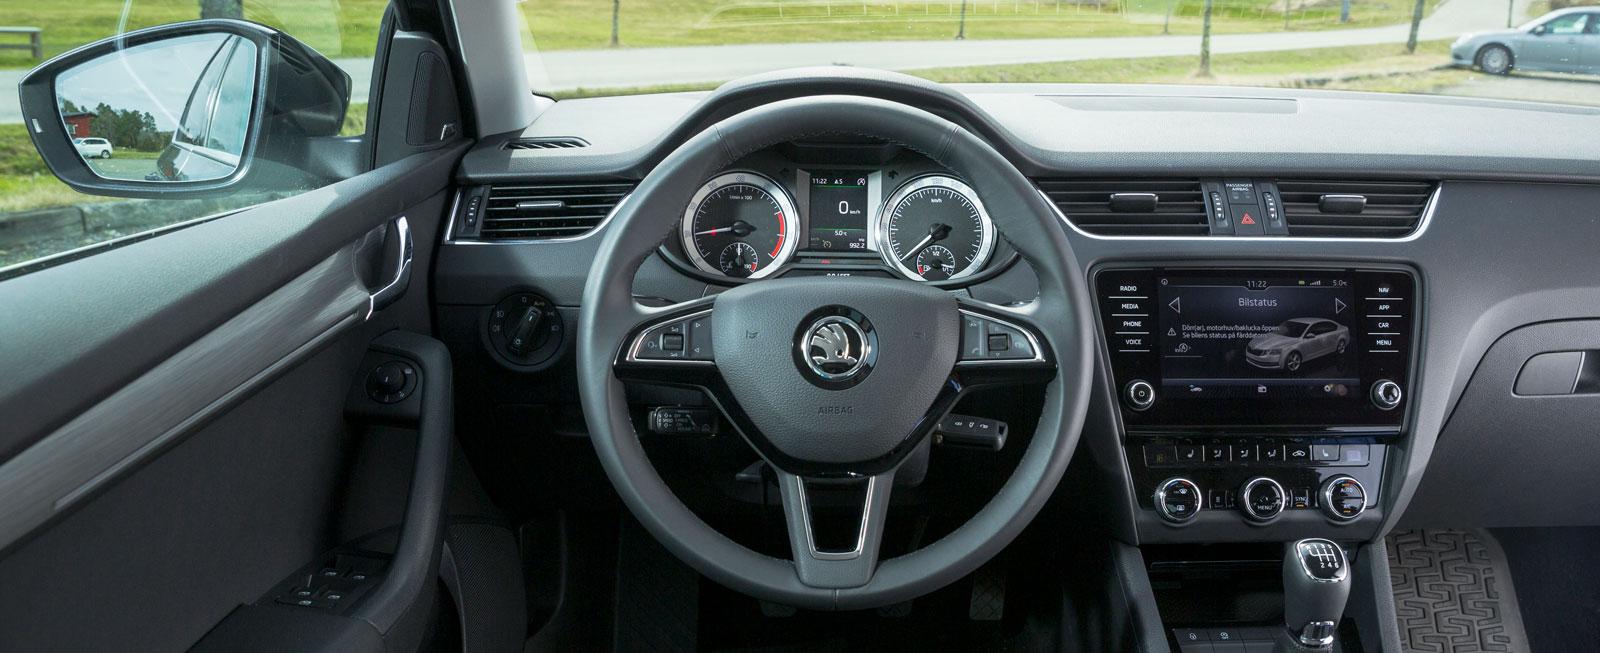 VW-koncernens formulär 1A, sedan har Skoda spetsat formerna lite här och var. Särskilt muntert är det knappast men allting är väldigt lätthanterligt.